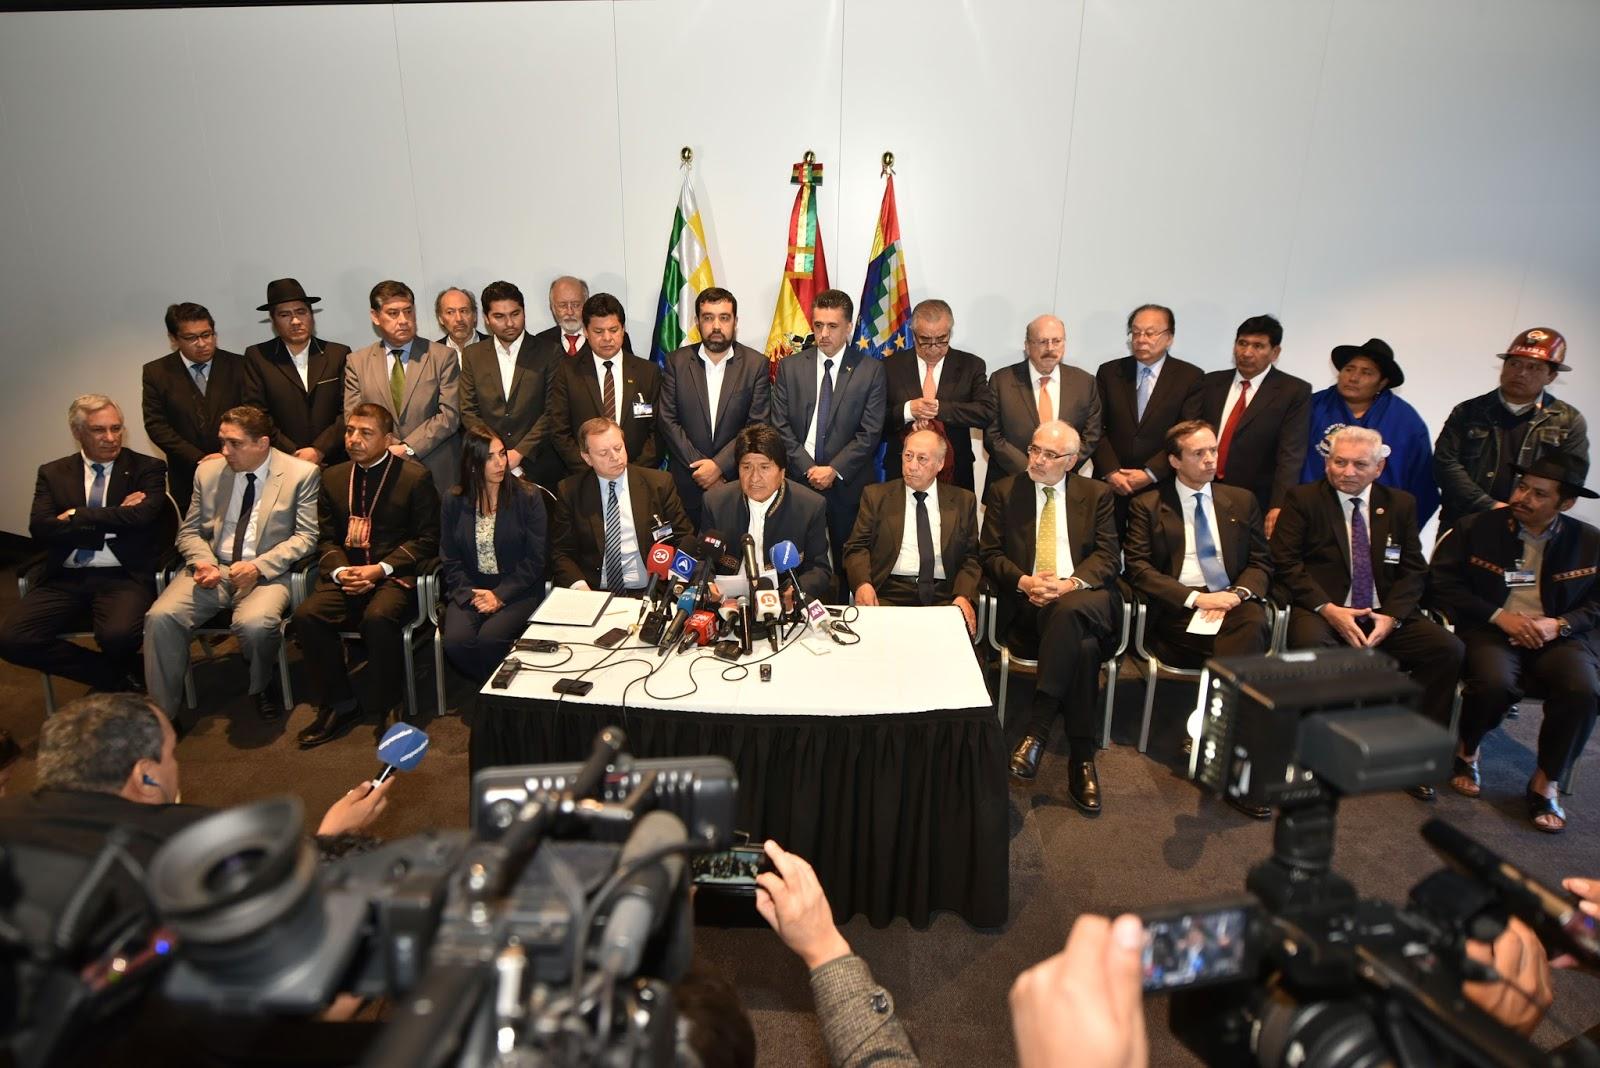 Toda la comitiva boliviana en conferencia de prensa luego de las jornadas de alegatos orales / ABI